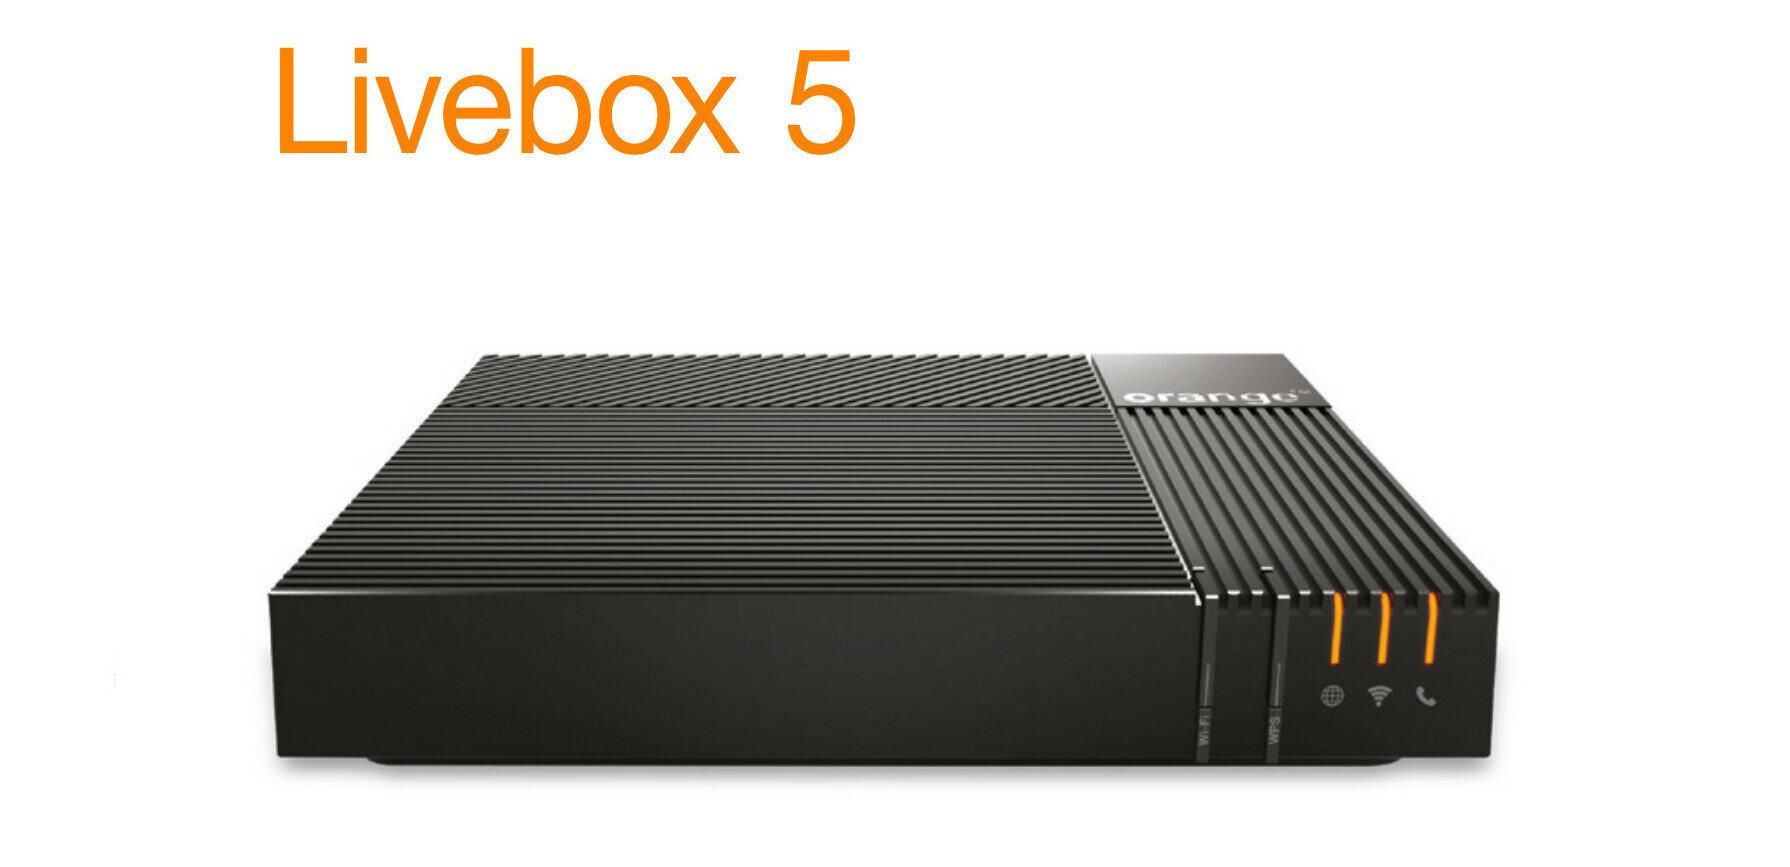 Livebox 5 : une simple révision avec quelques astuces marketing